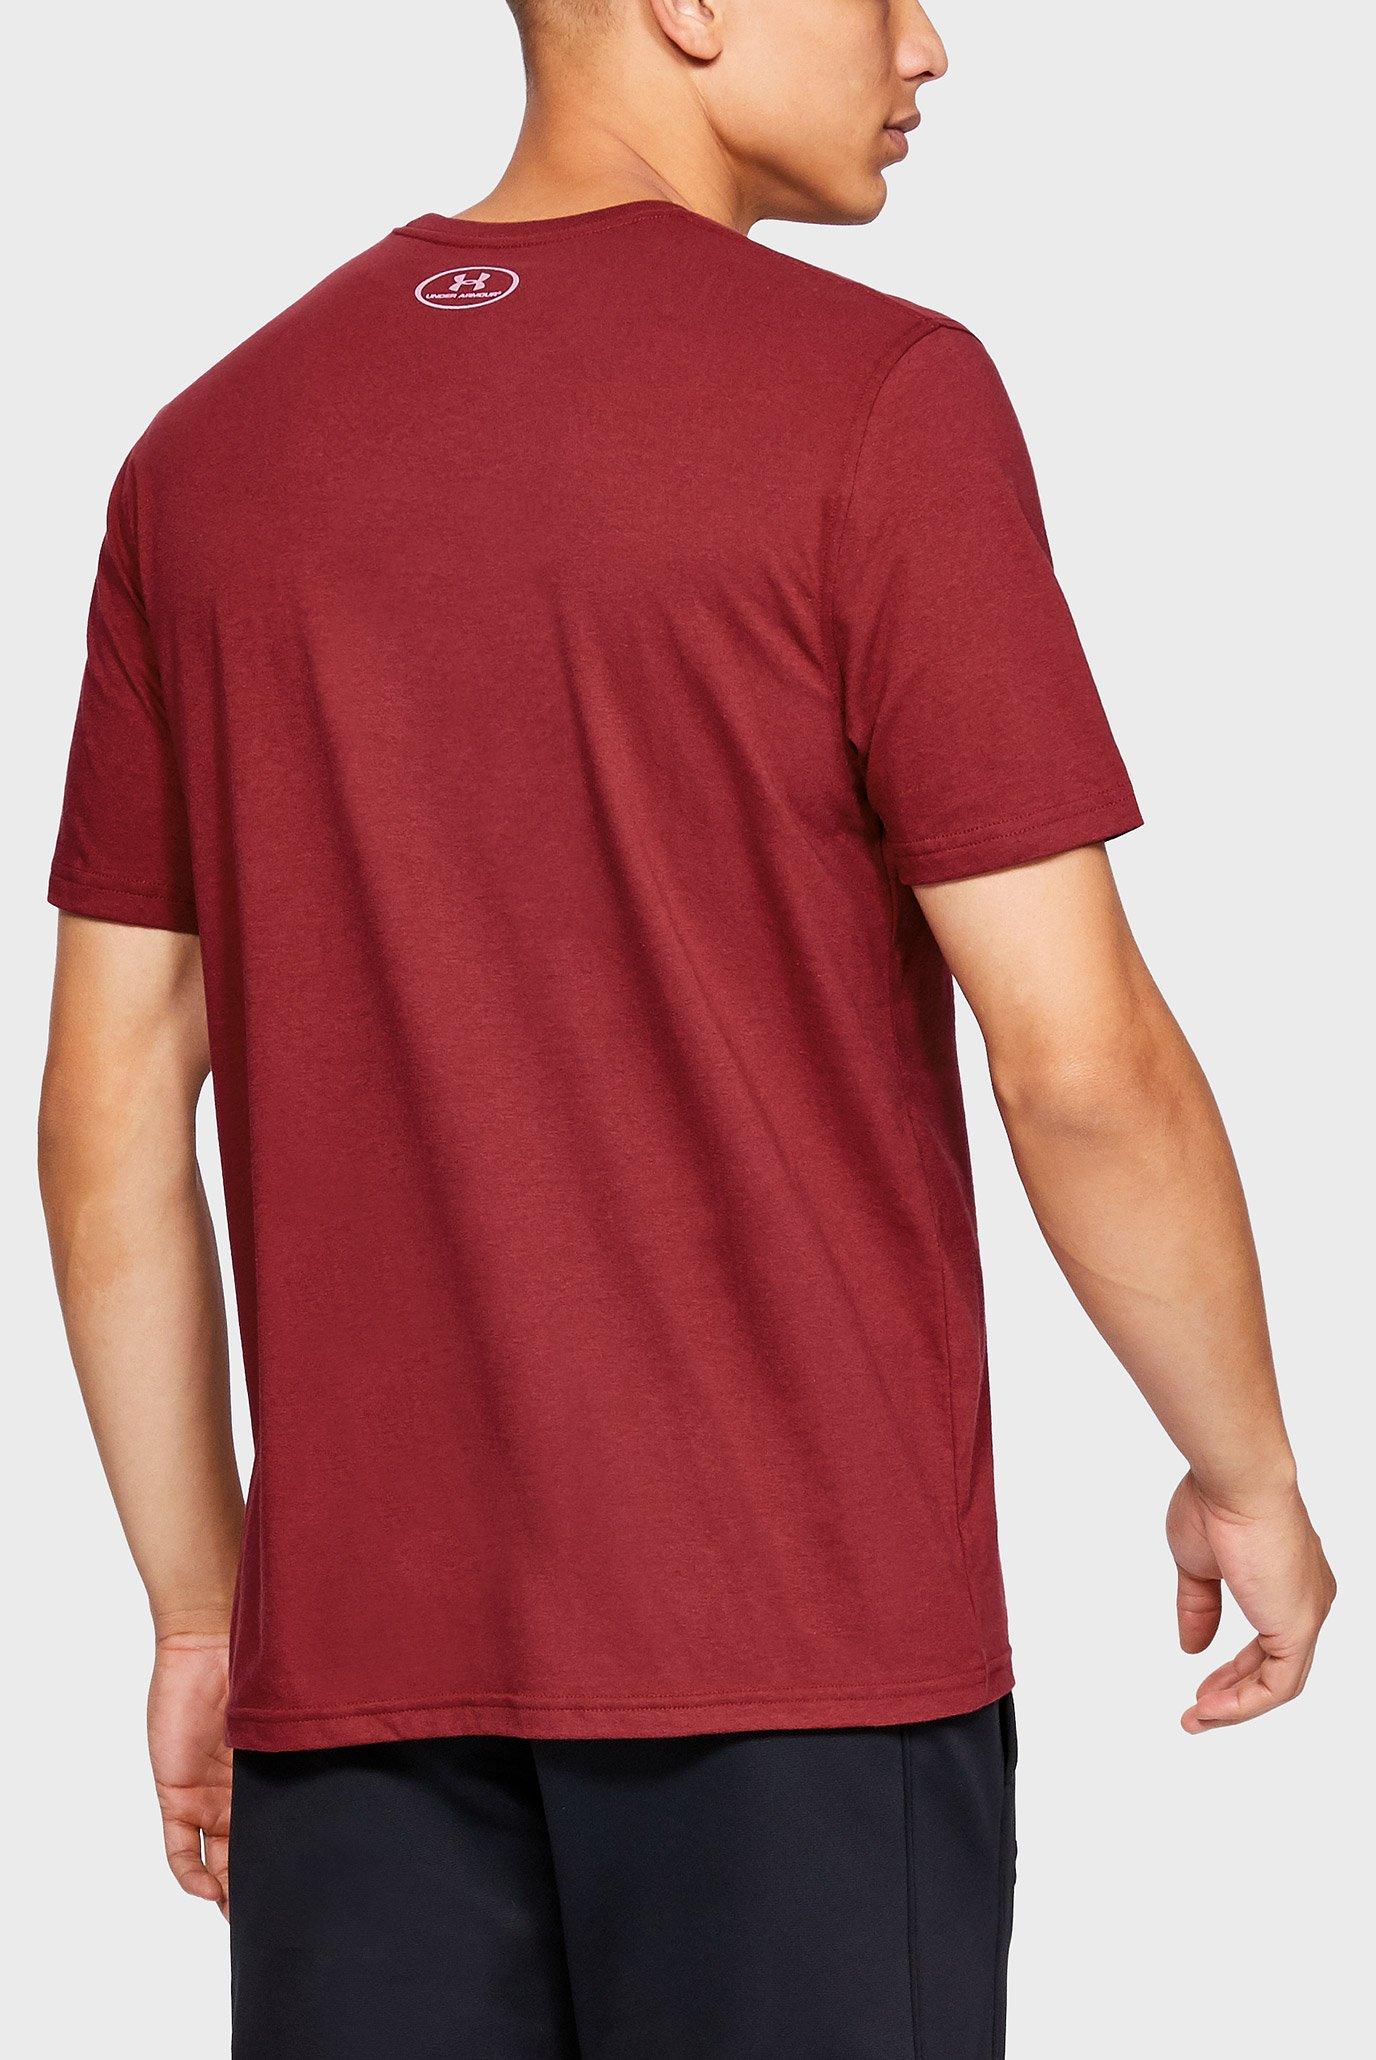 Купить Мужская бордовая футболка NBA Combine Lockup Tee Under Armour Under Armour 1318890-620 – Киев, Украина. Цены в интернет магазине MD Fashion